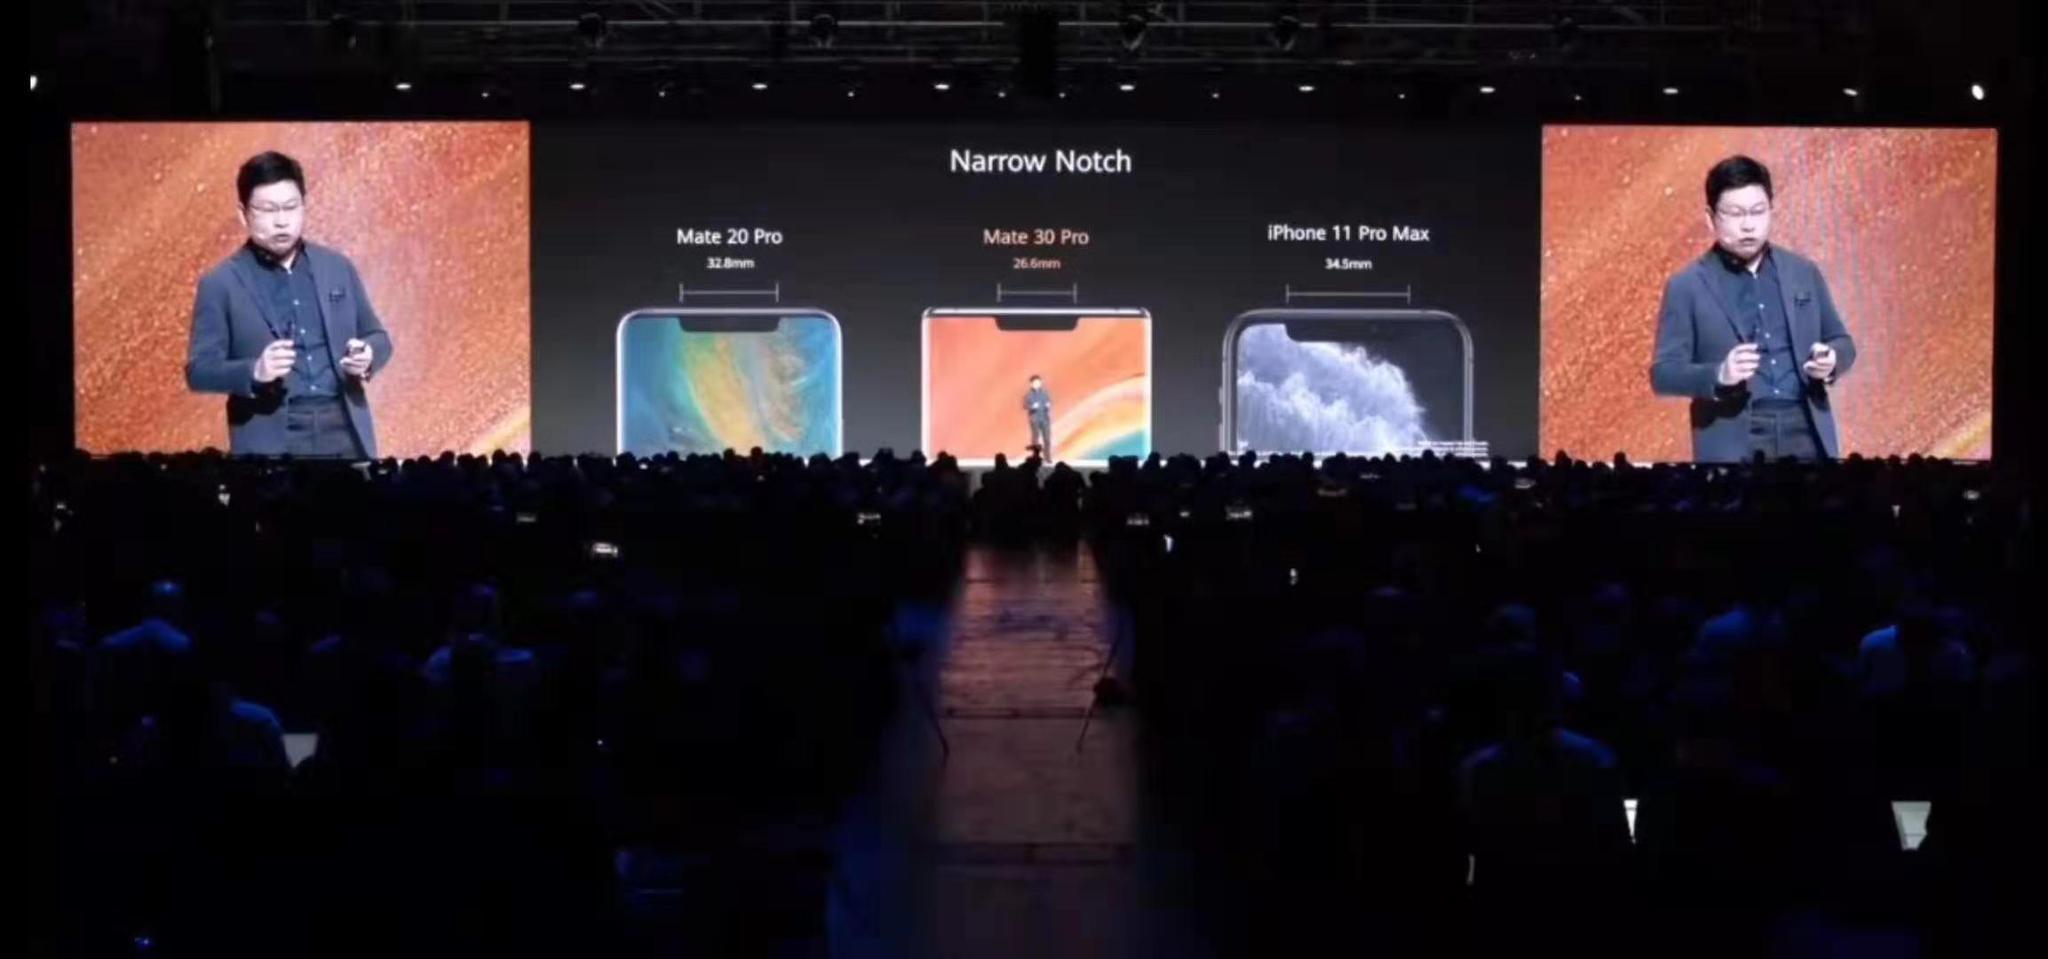 华为Mate 30系列在慕尼黑发布,但是没有谷歌授权的应用程序